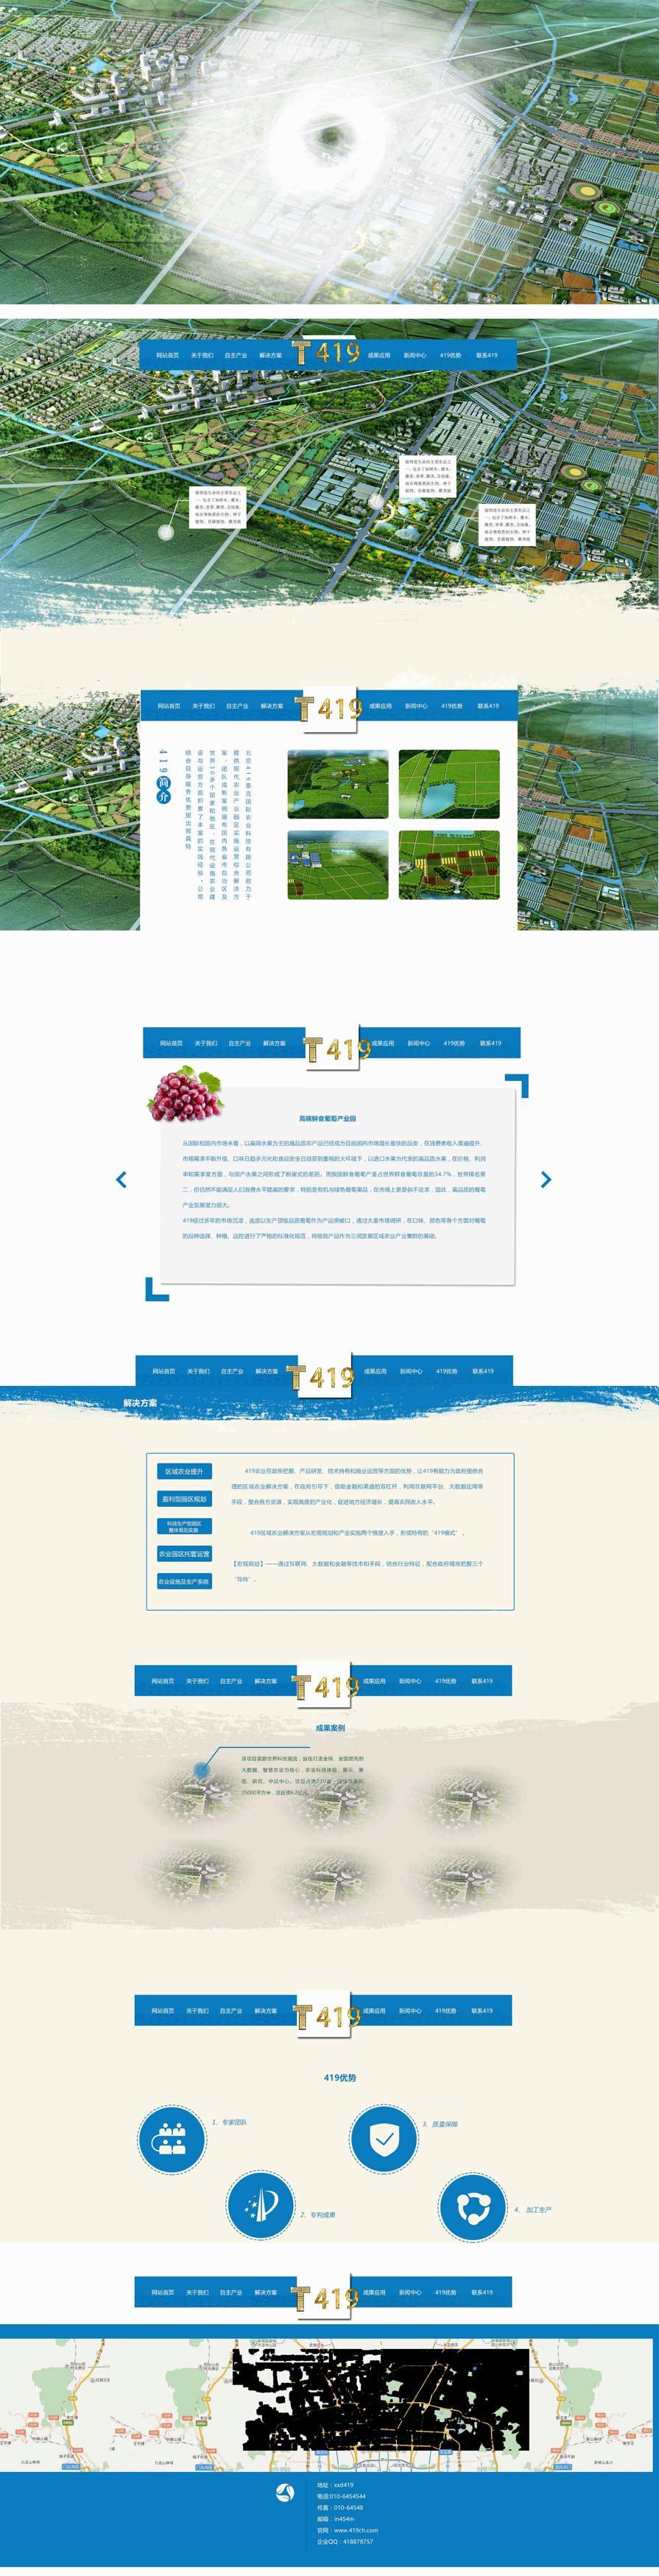 蓝色简单的农业生产科技公司网站动画模板